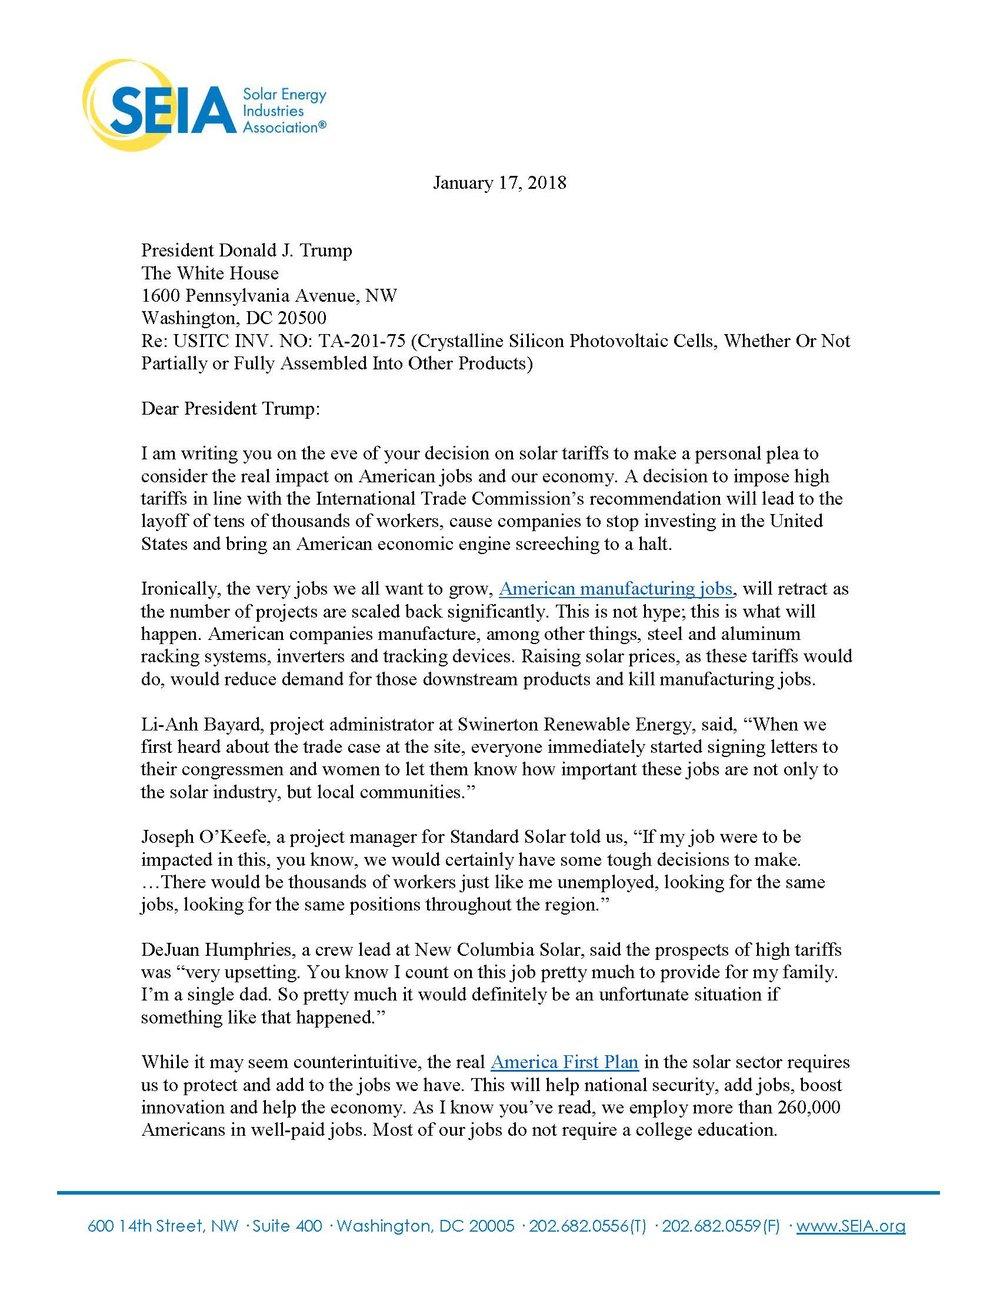 SEIA-Trade-Letter-POTUS_Page_1.jpg